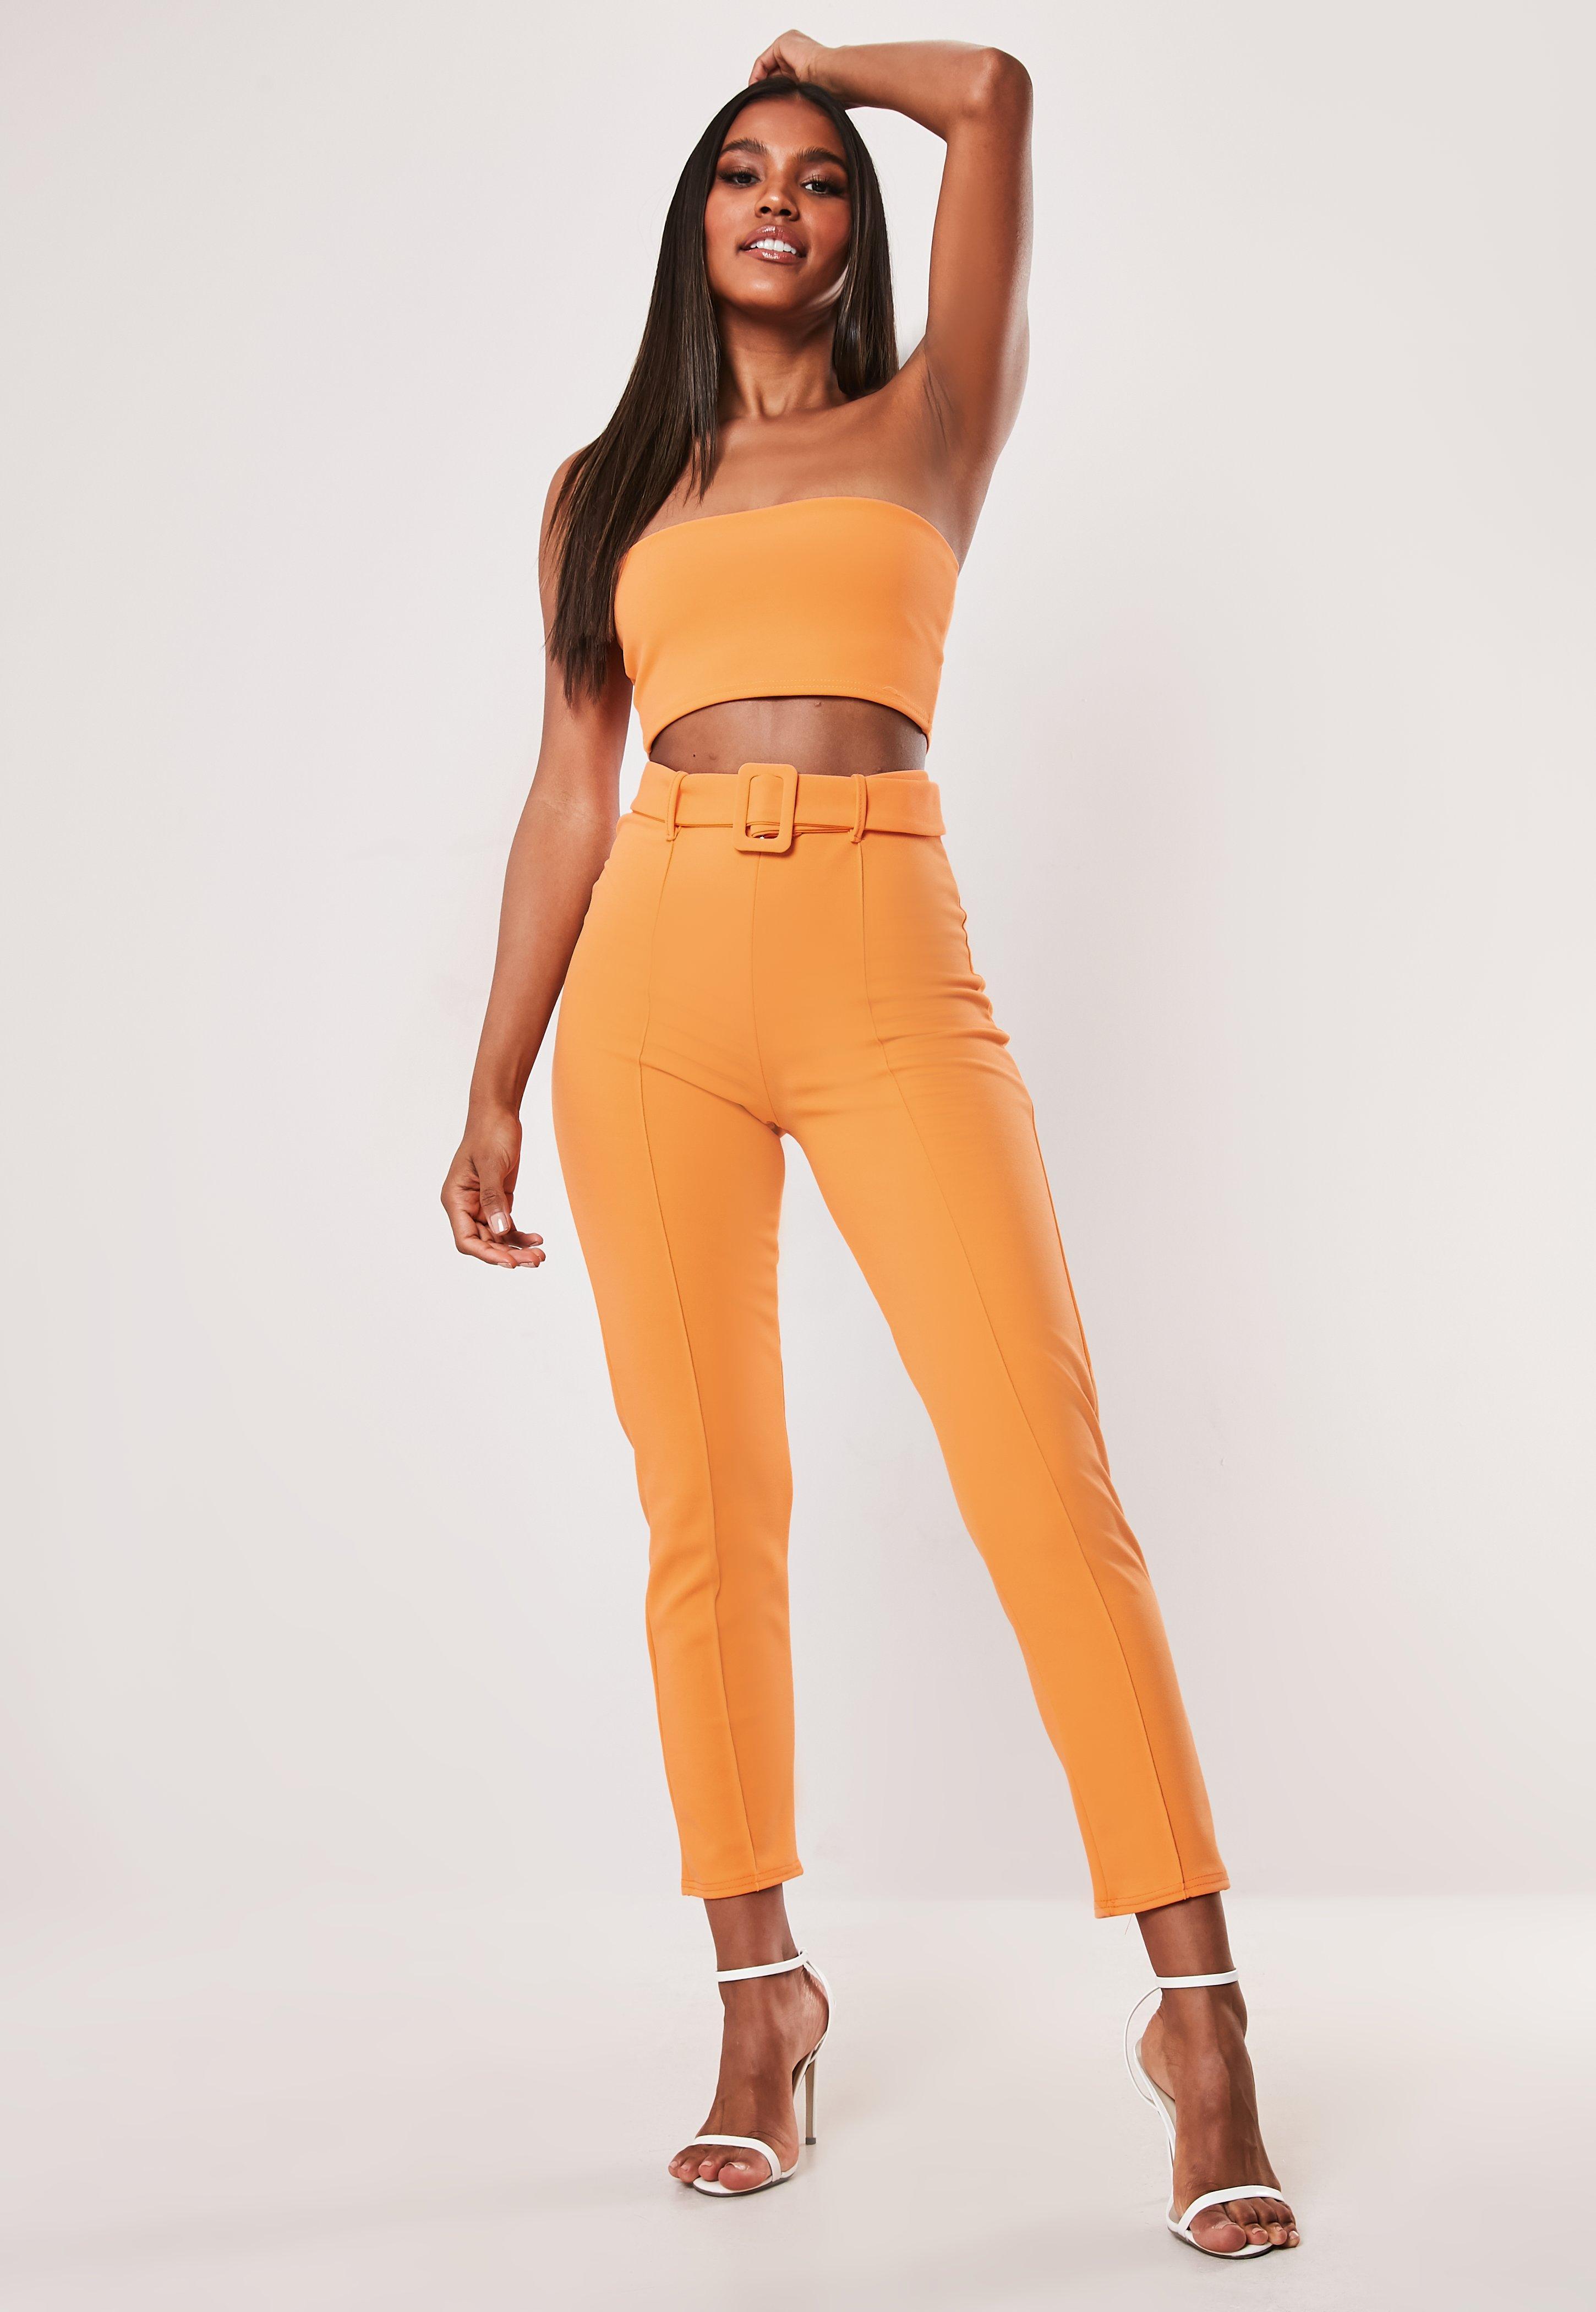 00650e5f6fe14 Krepp-Zigarettenhose mit hohem Bund und Gürtel in Orange